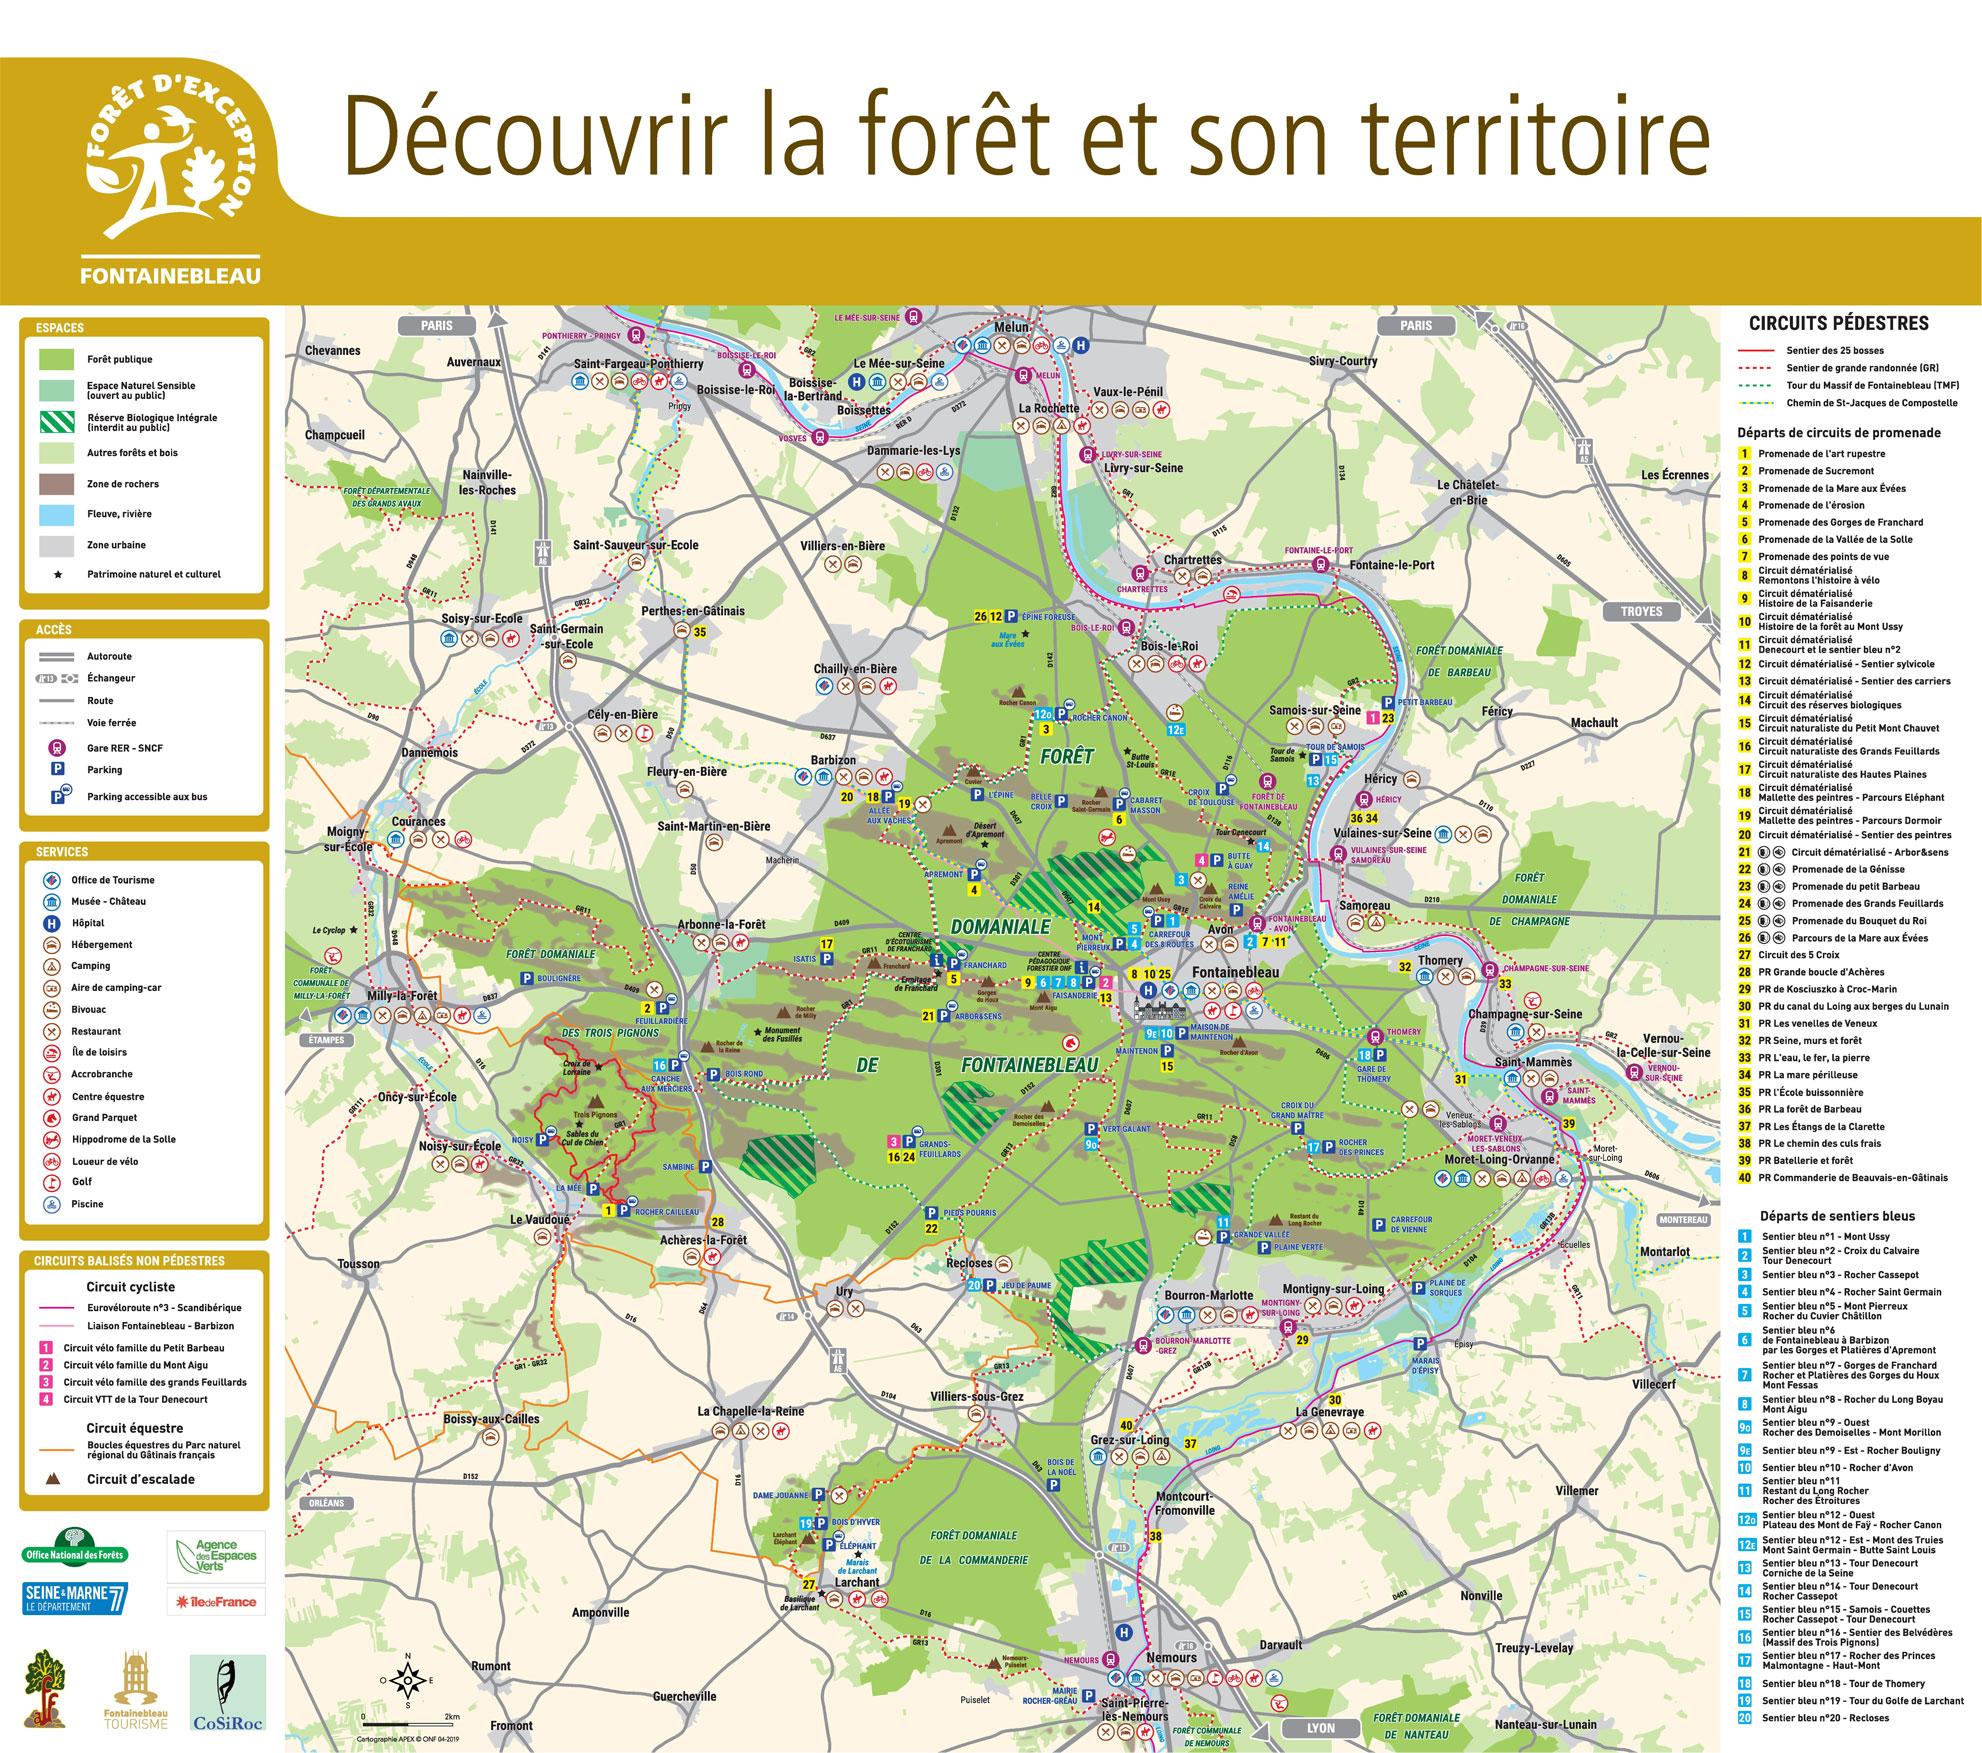 Carte de l'ensemble de la forêt